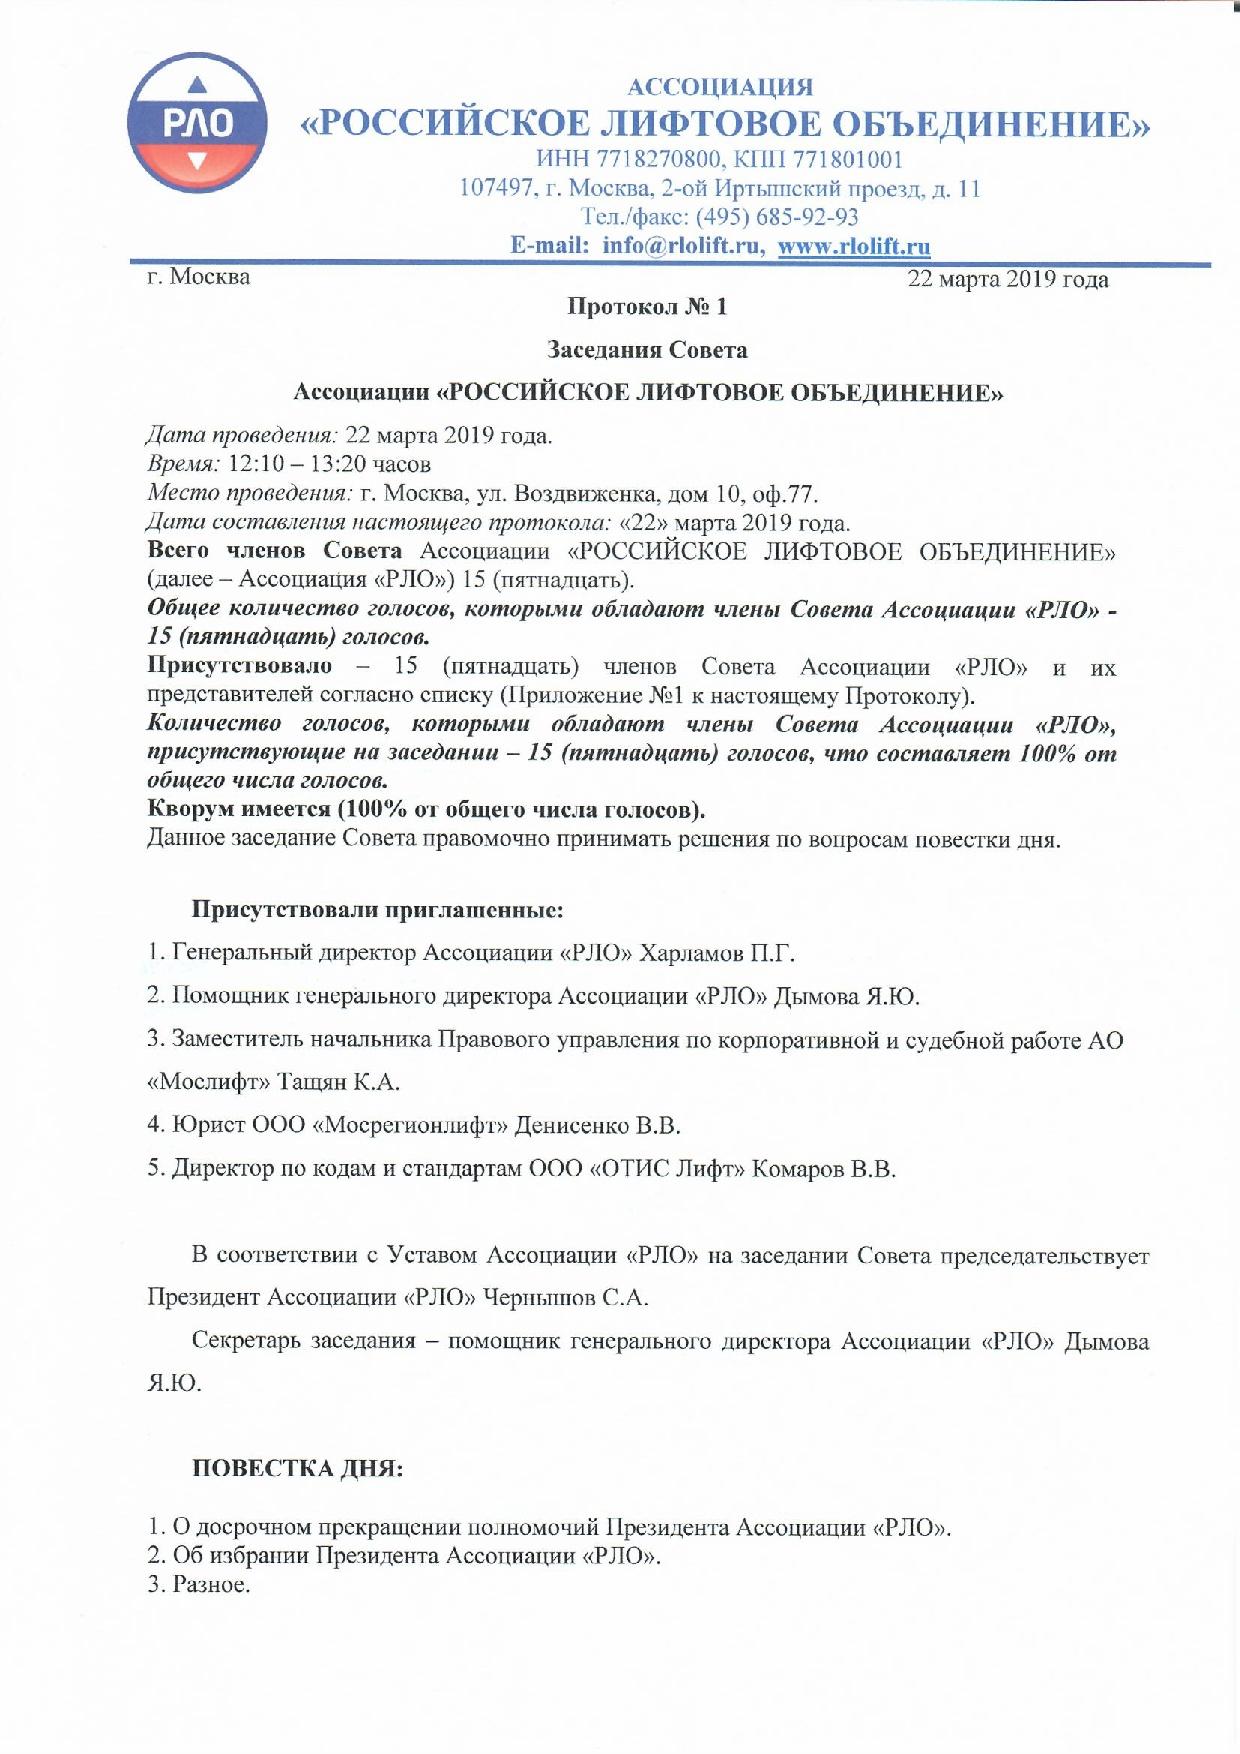 22 марта 2019 г. на ул. Воздвиженка, д.10 состоялось заседание Совета Ассоциации РЛО, на котором инициатива отдельных членов Совета Ассоциации РЛО не была поддержана